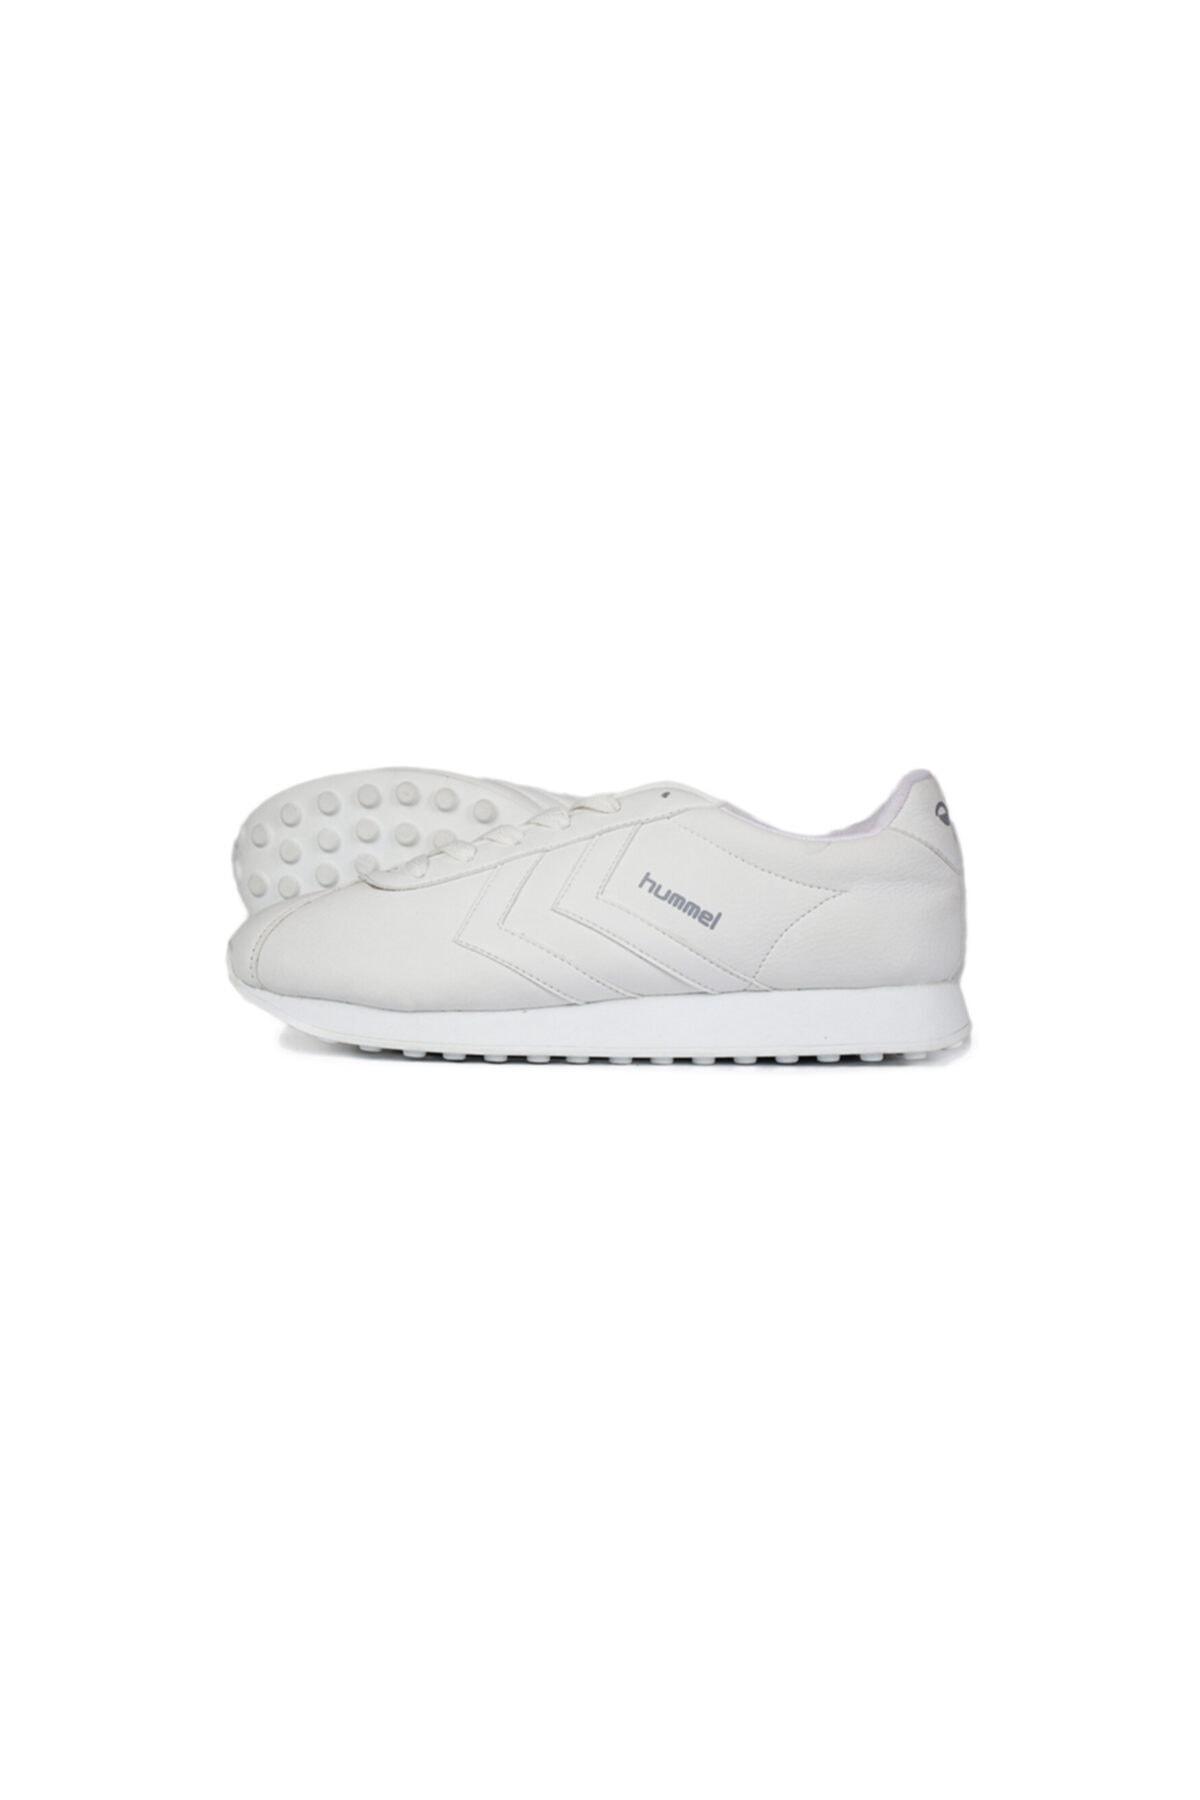 HUMMEL RAY Beyaz Unisex Koşu Ayakkabısı 100397760 2